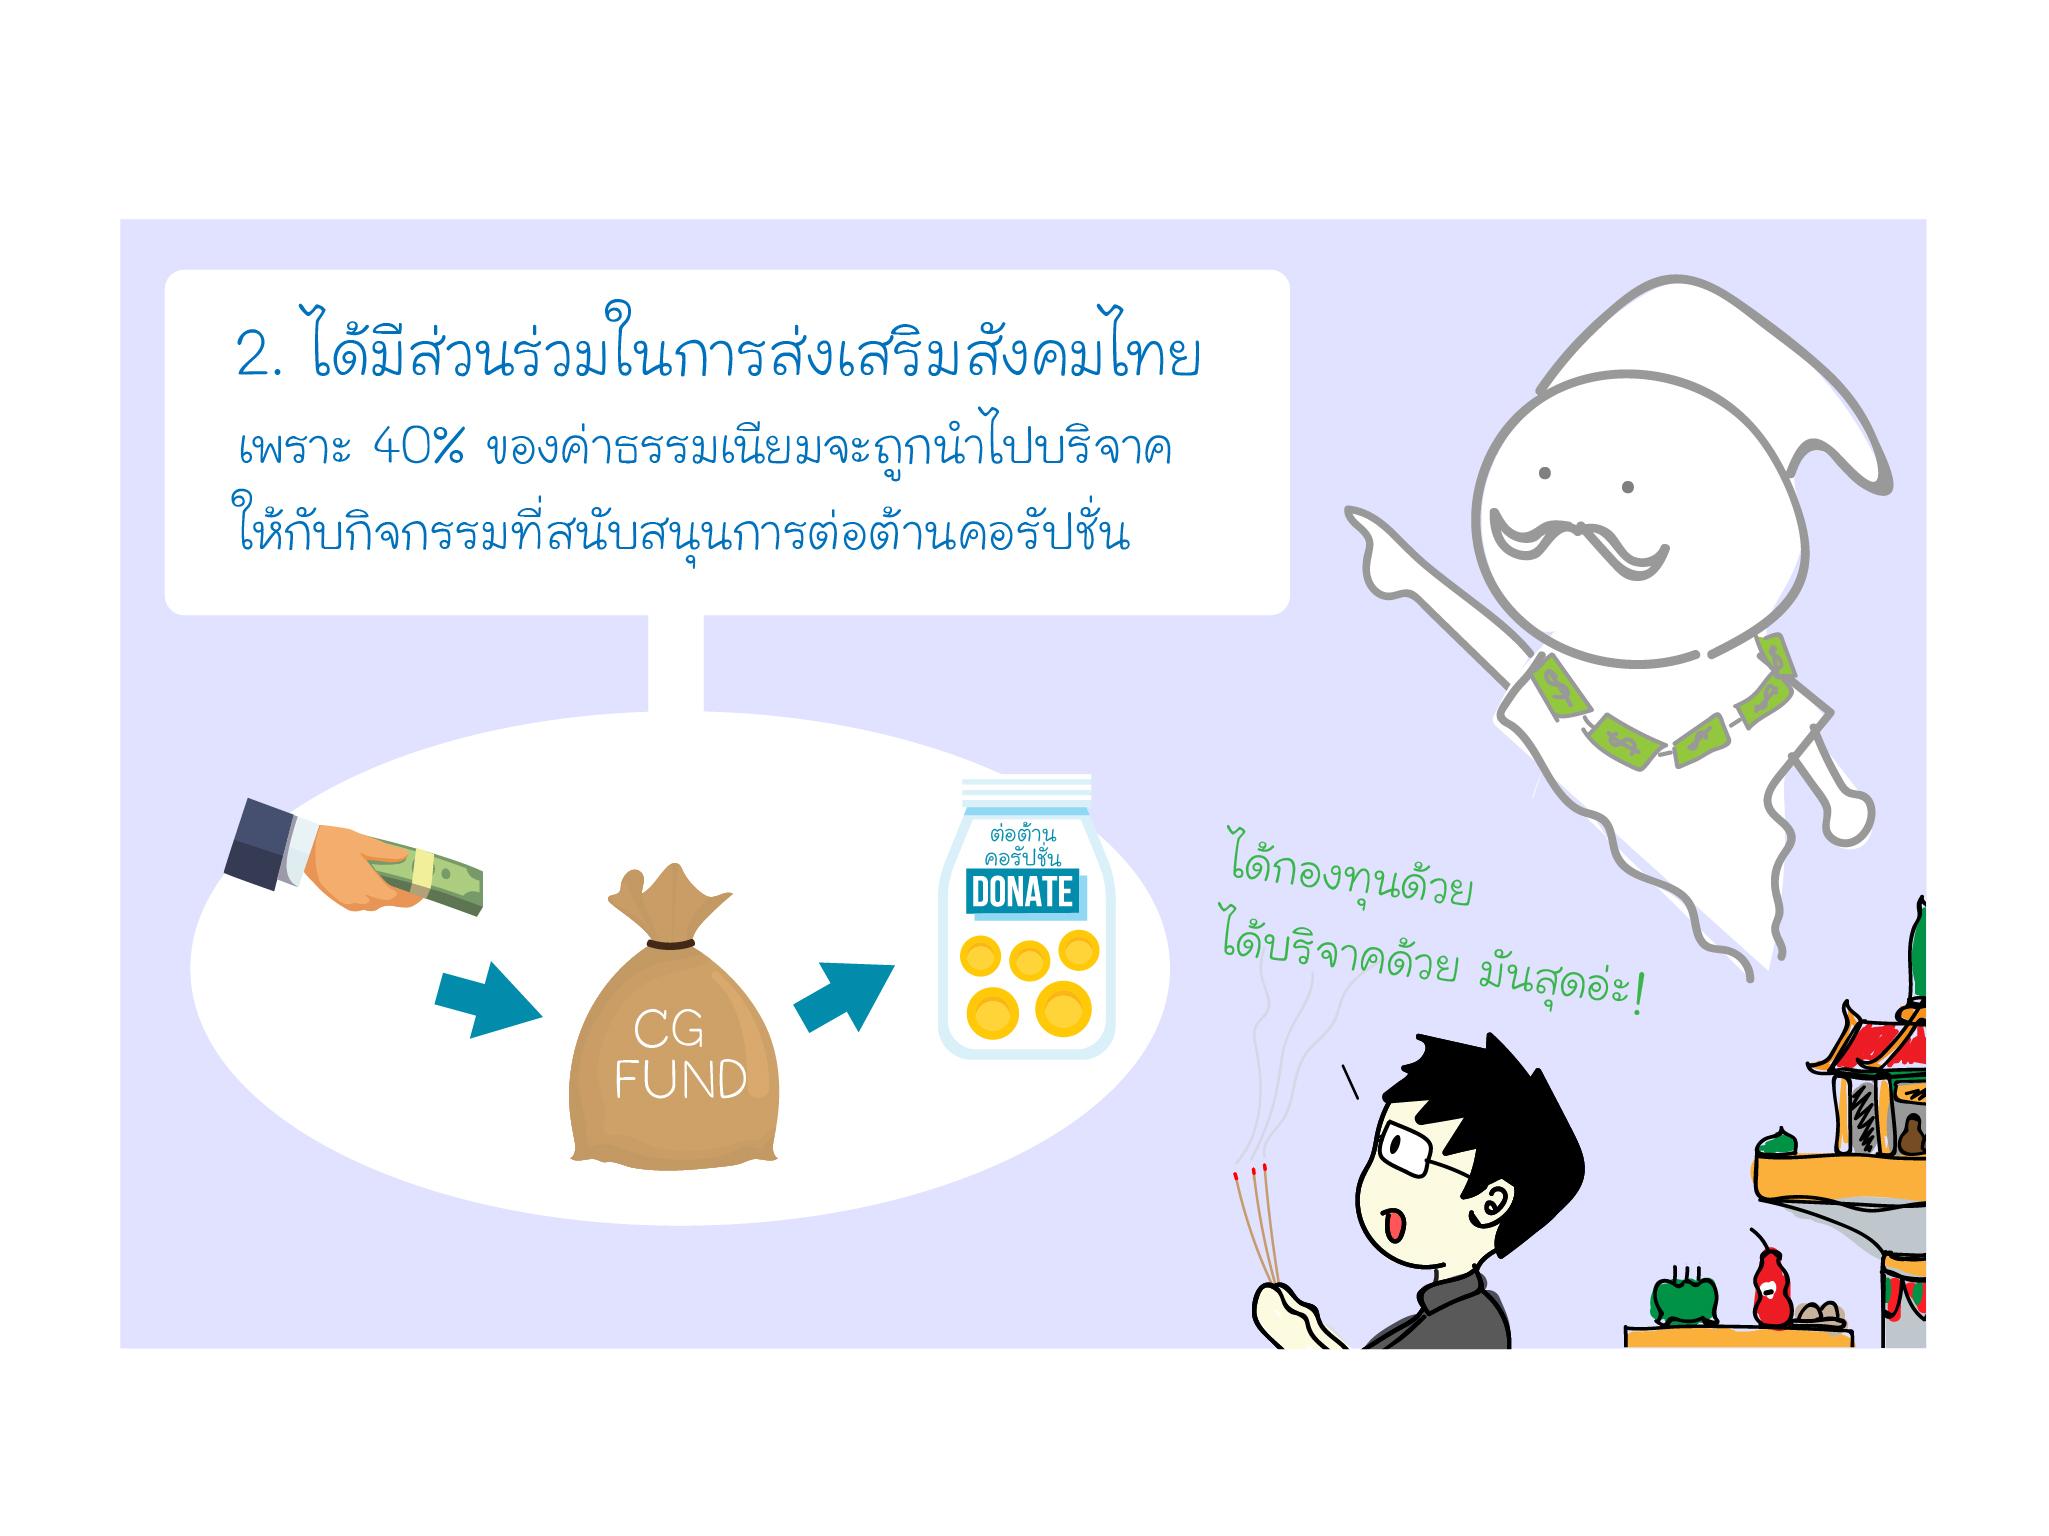 ศาลเจ้าพ่อลงทุน - CG Fund_Artboard 1 copy 5